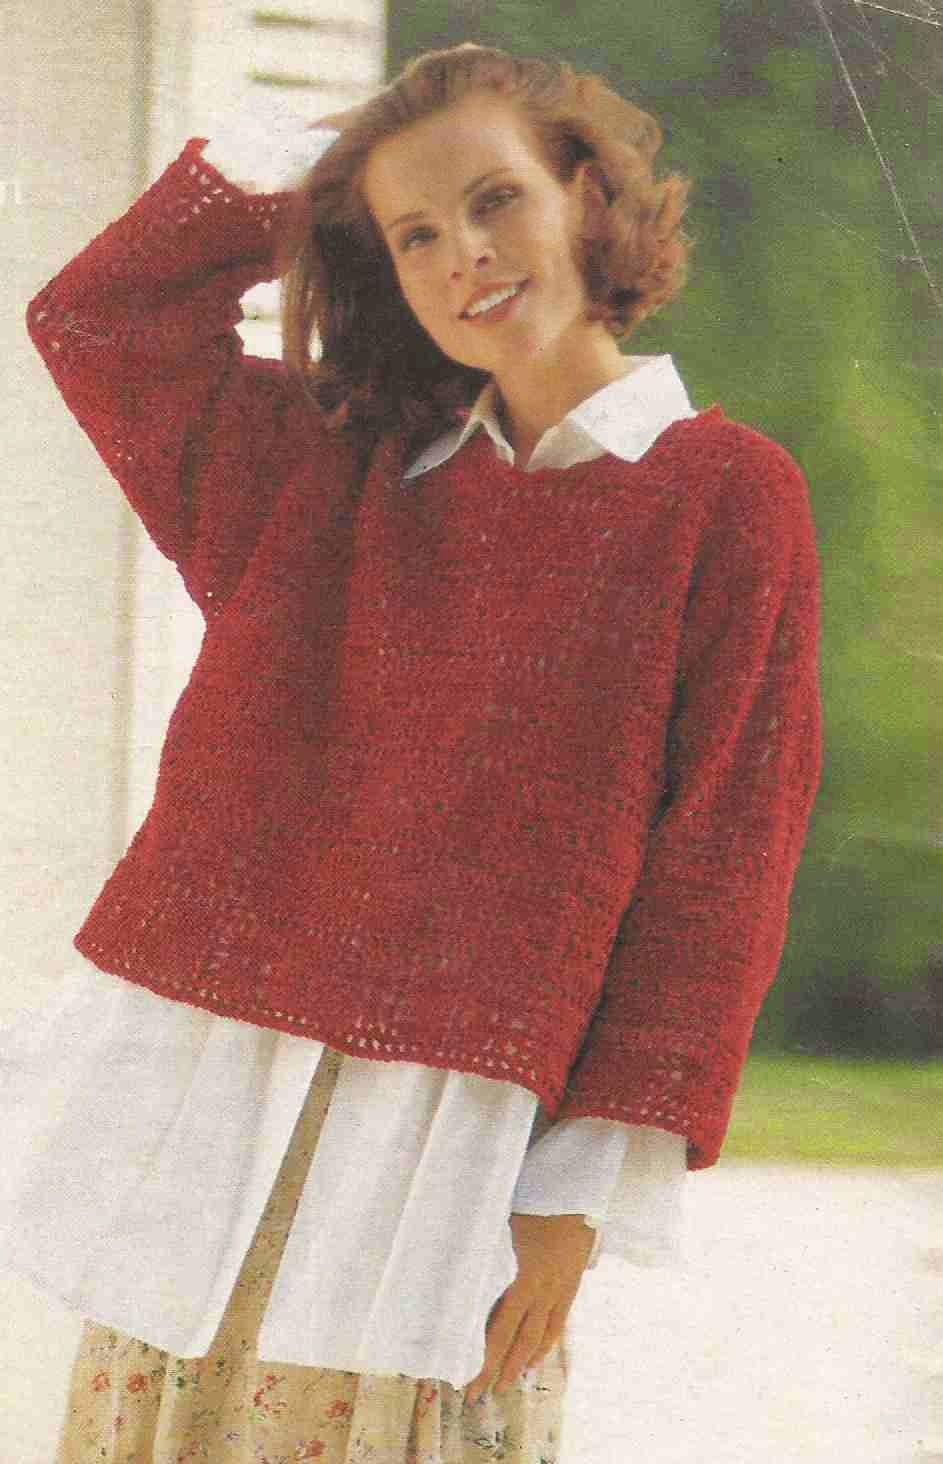 Suéter o Jersey de Cuadros Rojos a Crochet